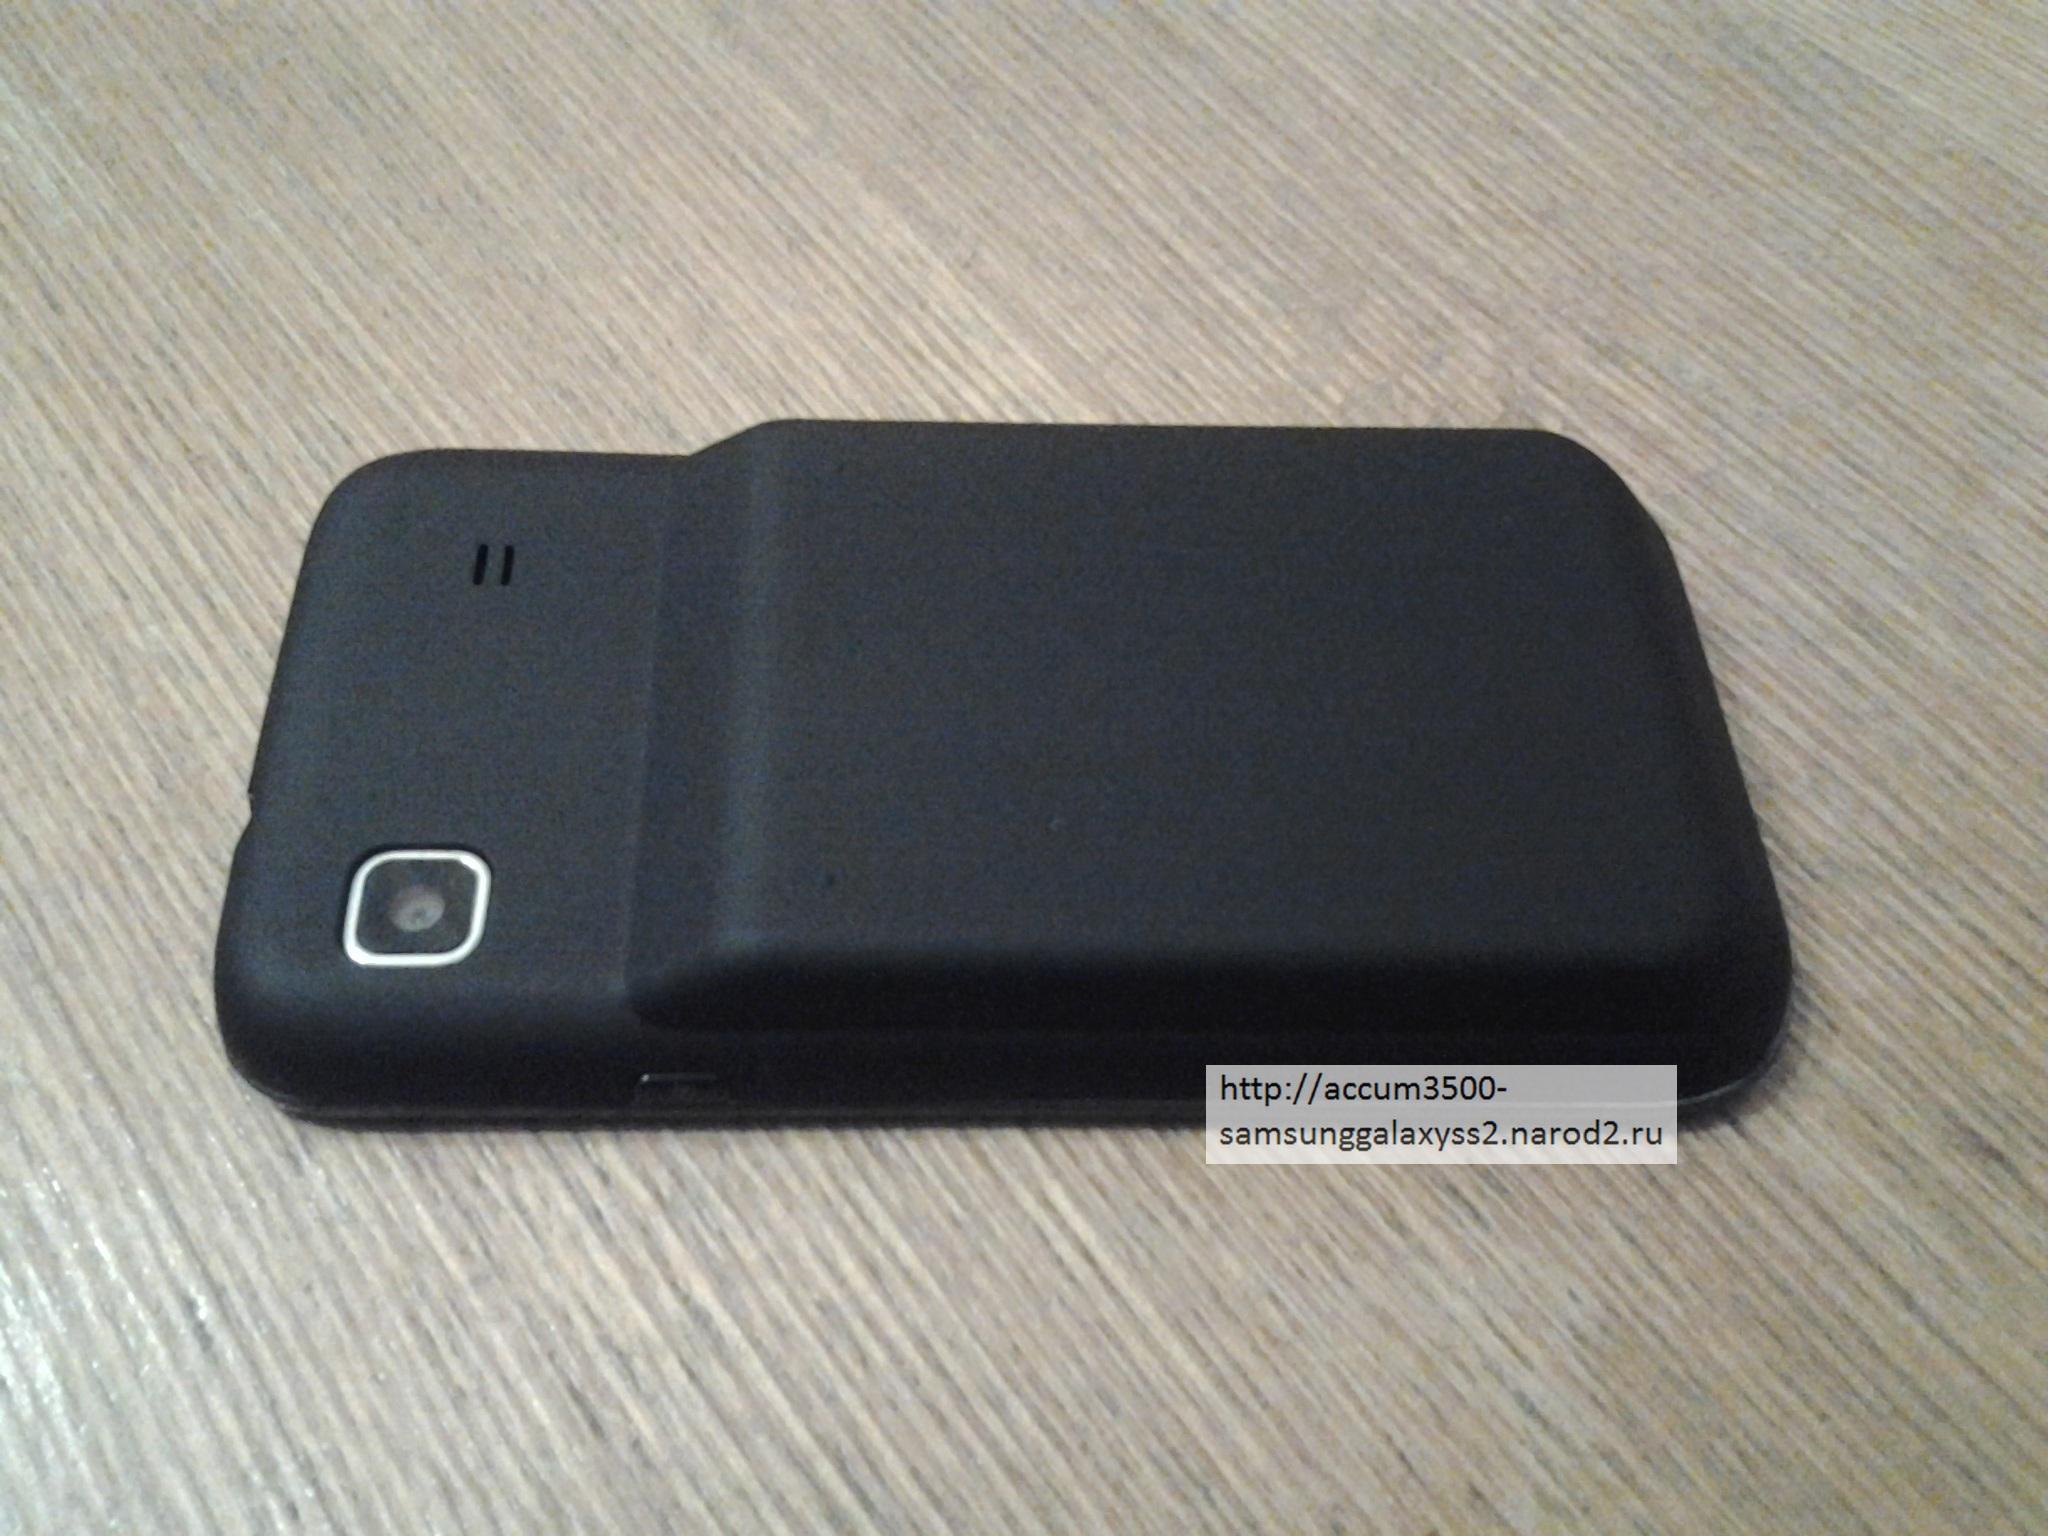 Samsung Galaxy S I9000 с усиленным аккумулятором, батареей повышенной емкости на 3500 mah и задней крышкой